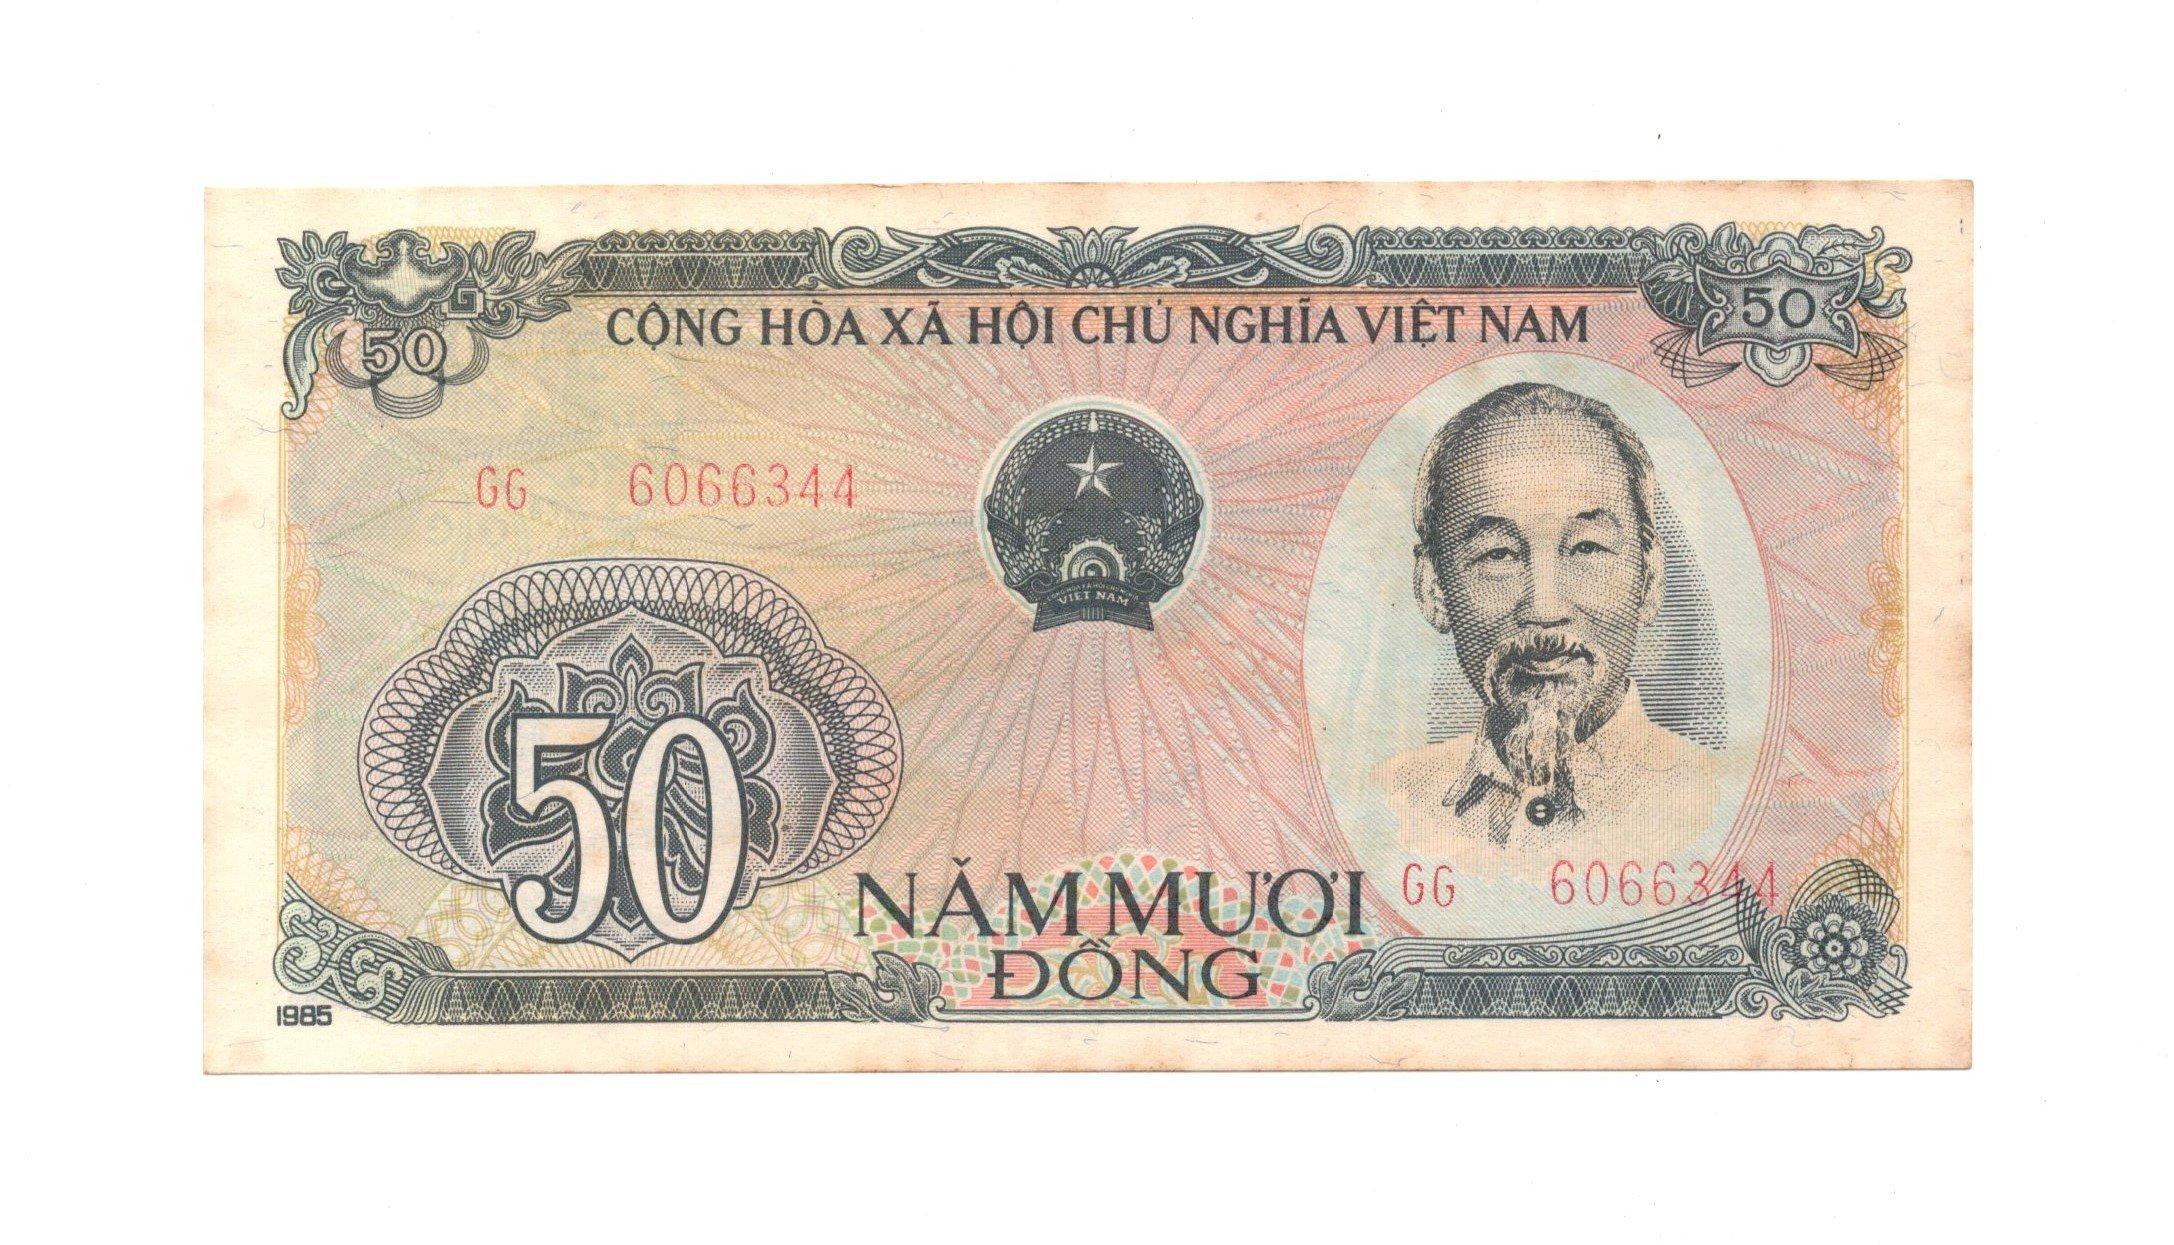 vvietnam 50 dong 1985